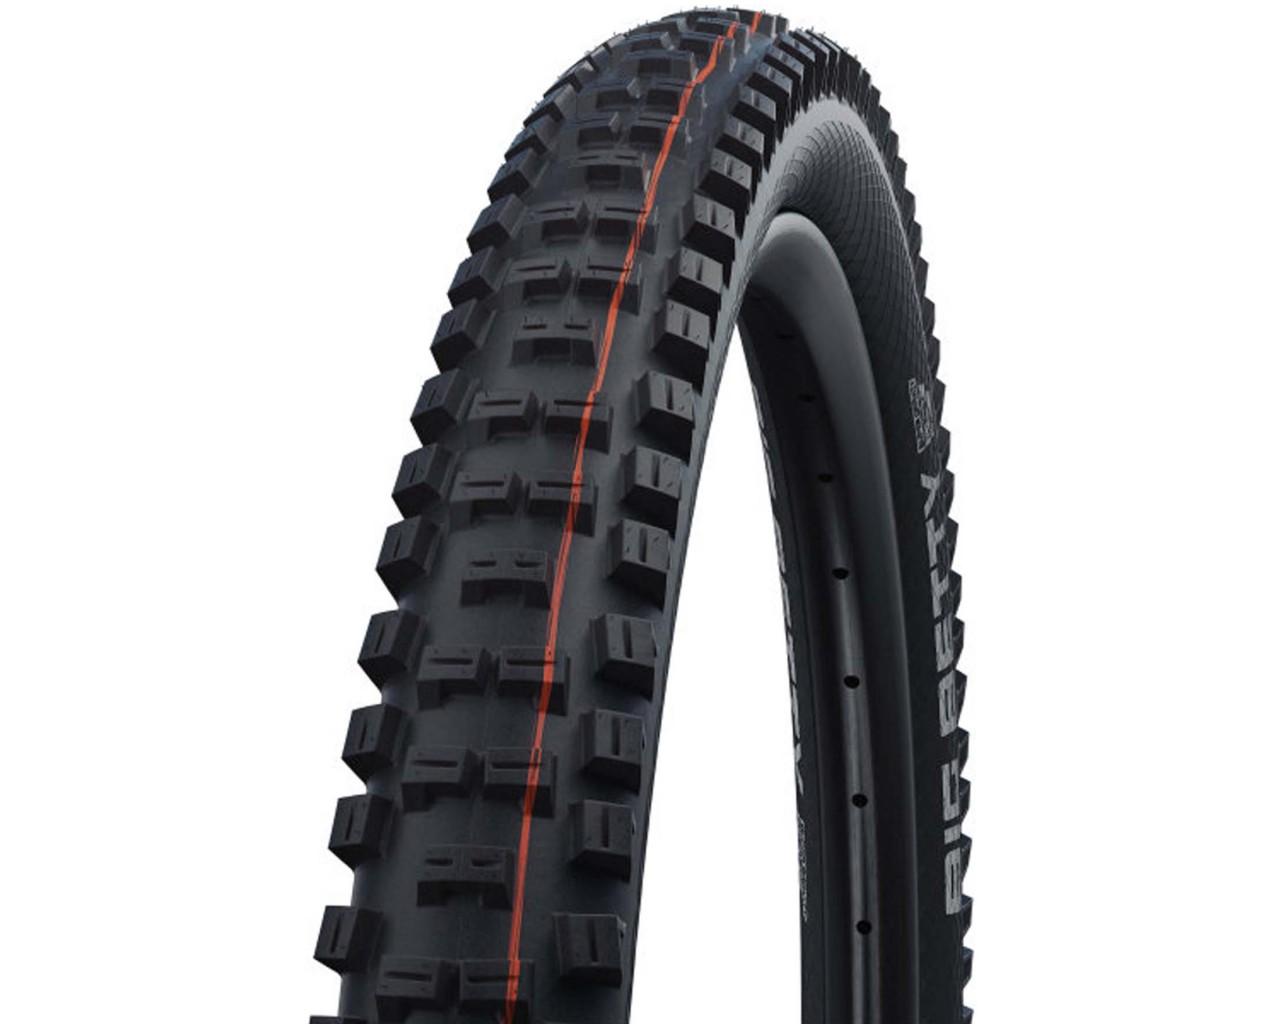 Schwalbe Big Betty MTB-Reifen 26x2.4 Zoll | black ADDIX Soft Evolution Line faltbar